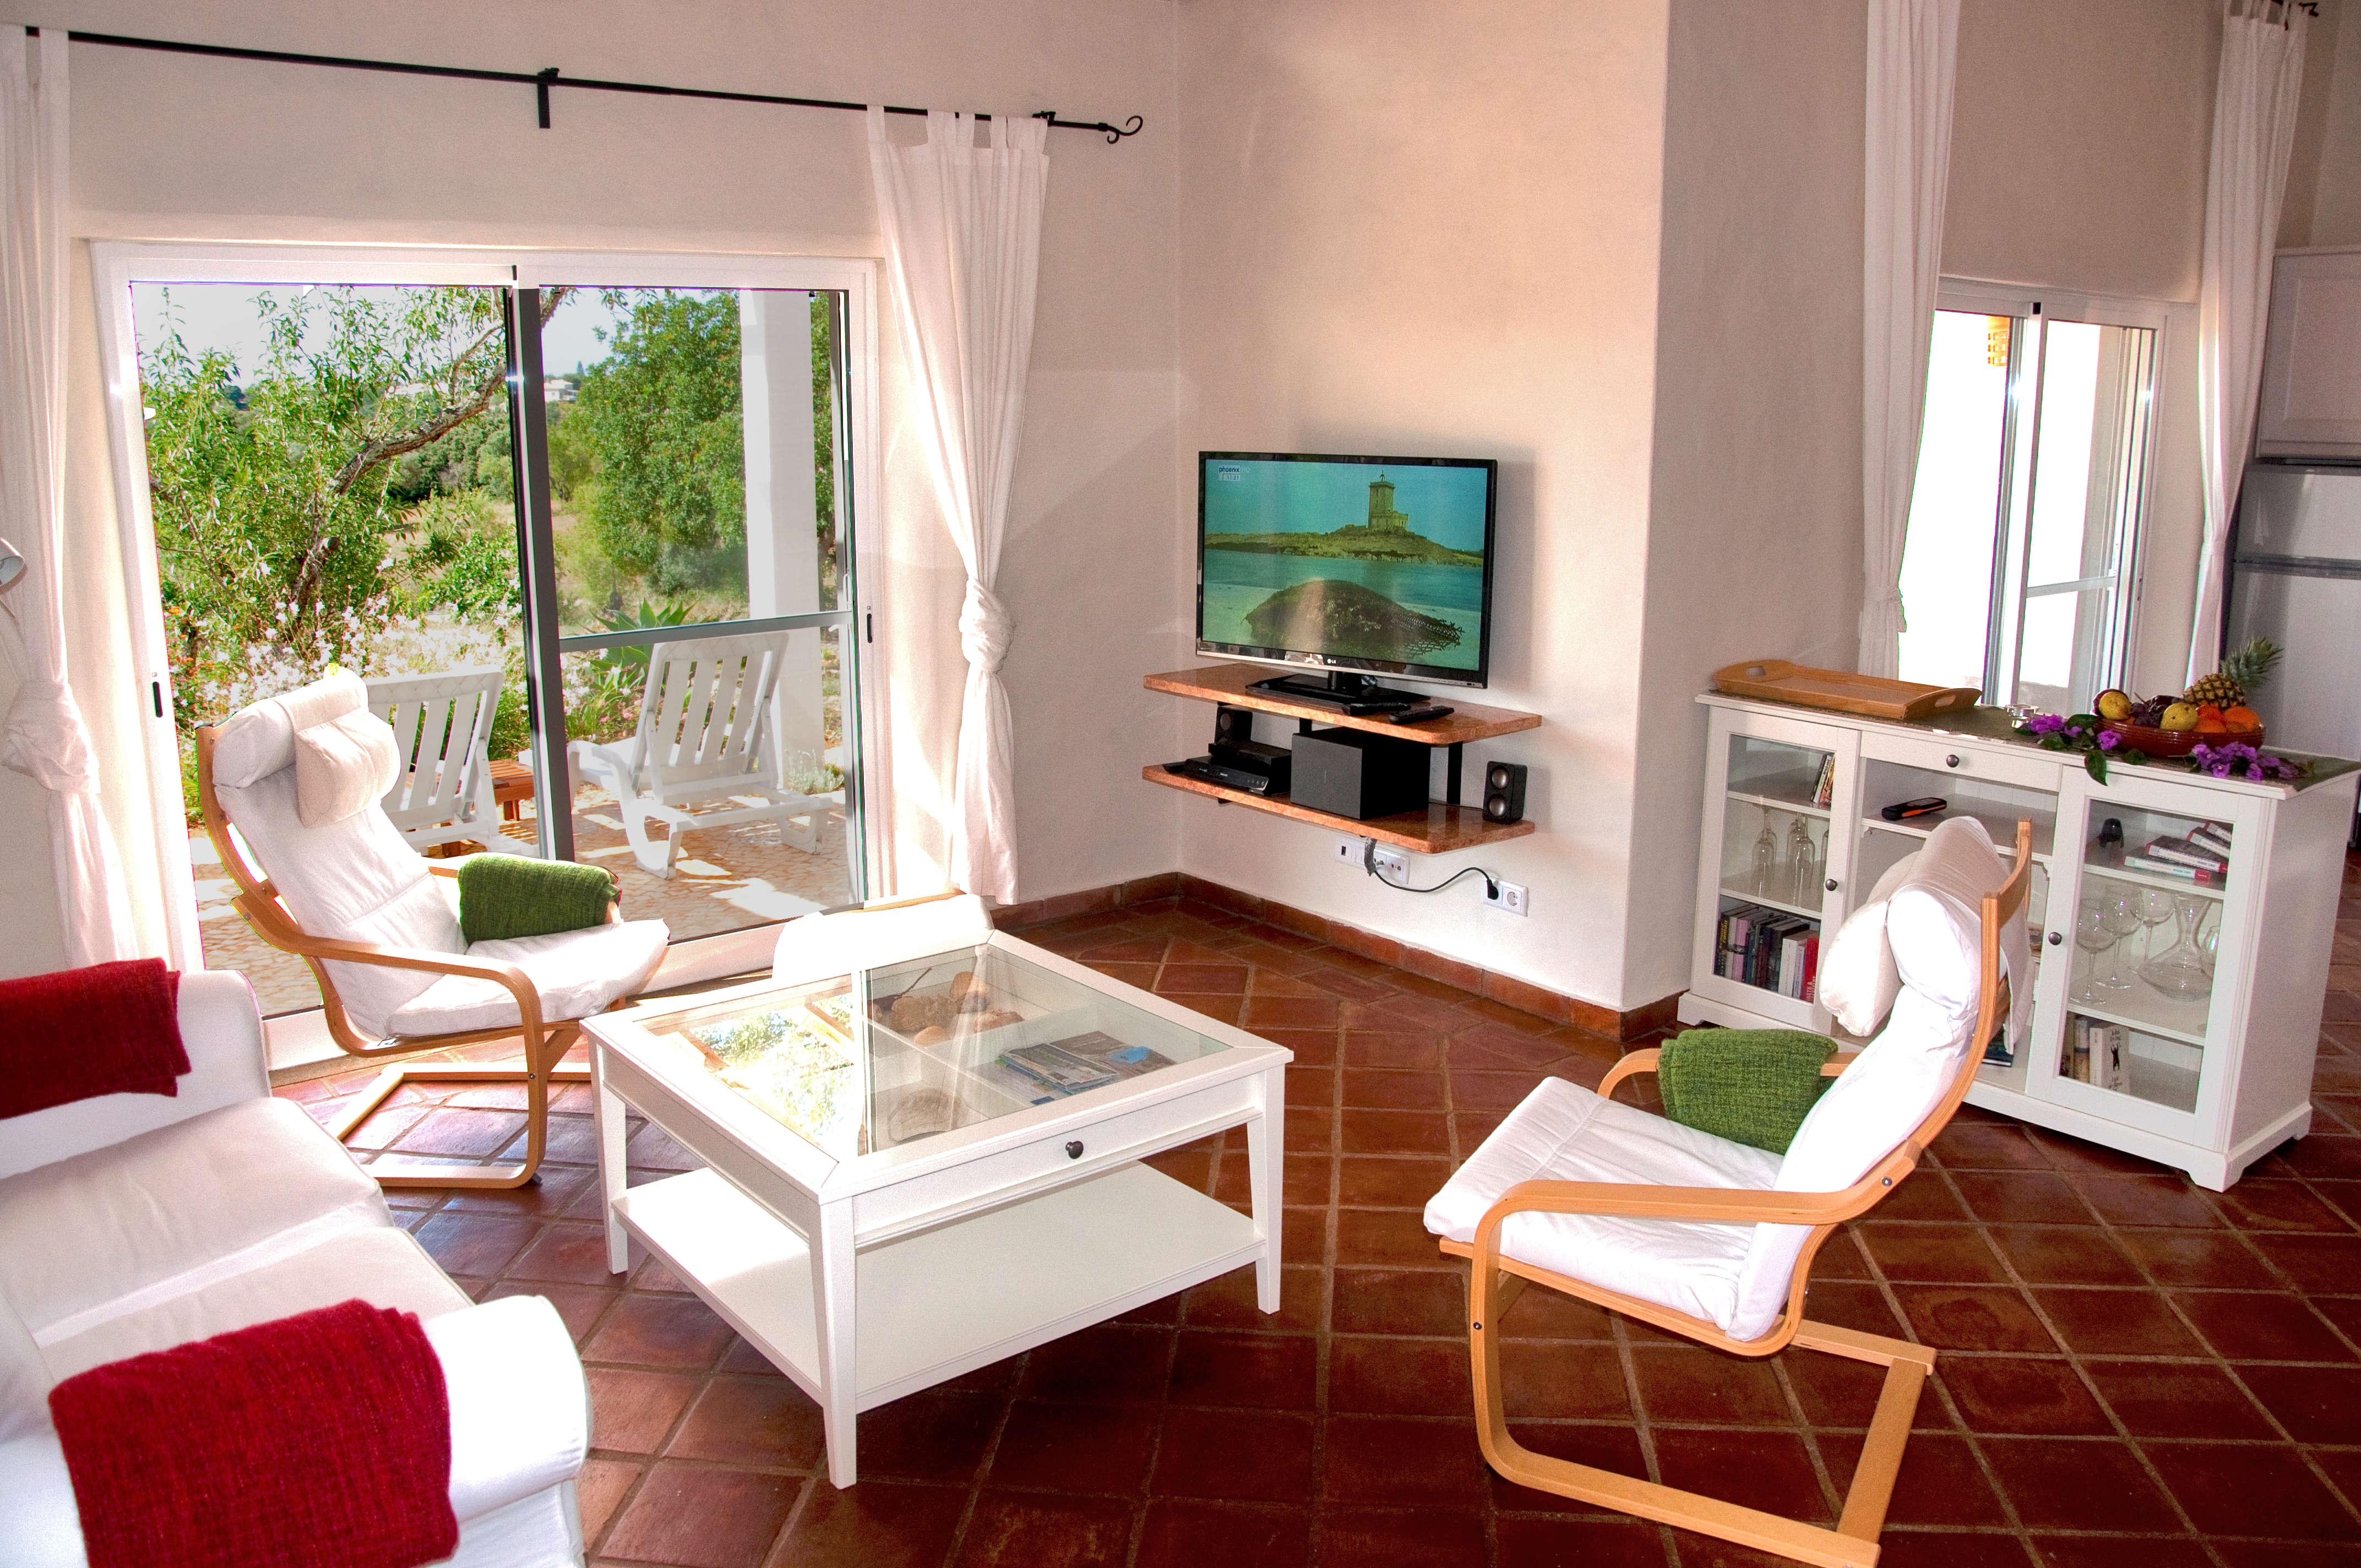 Ferienwohnung apartamento este - Wohnzimmer | Algarve Urlaub